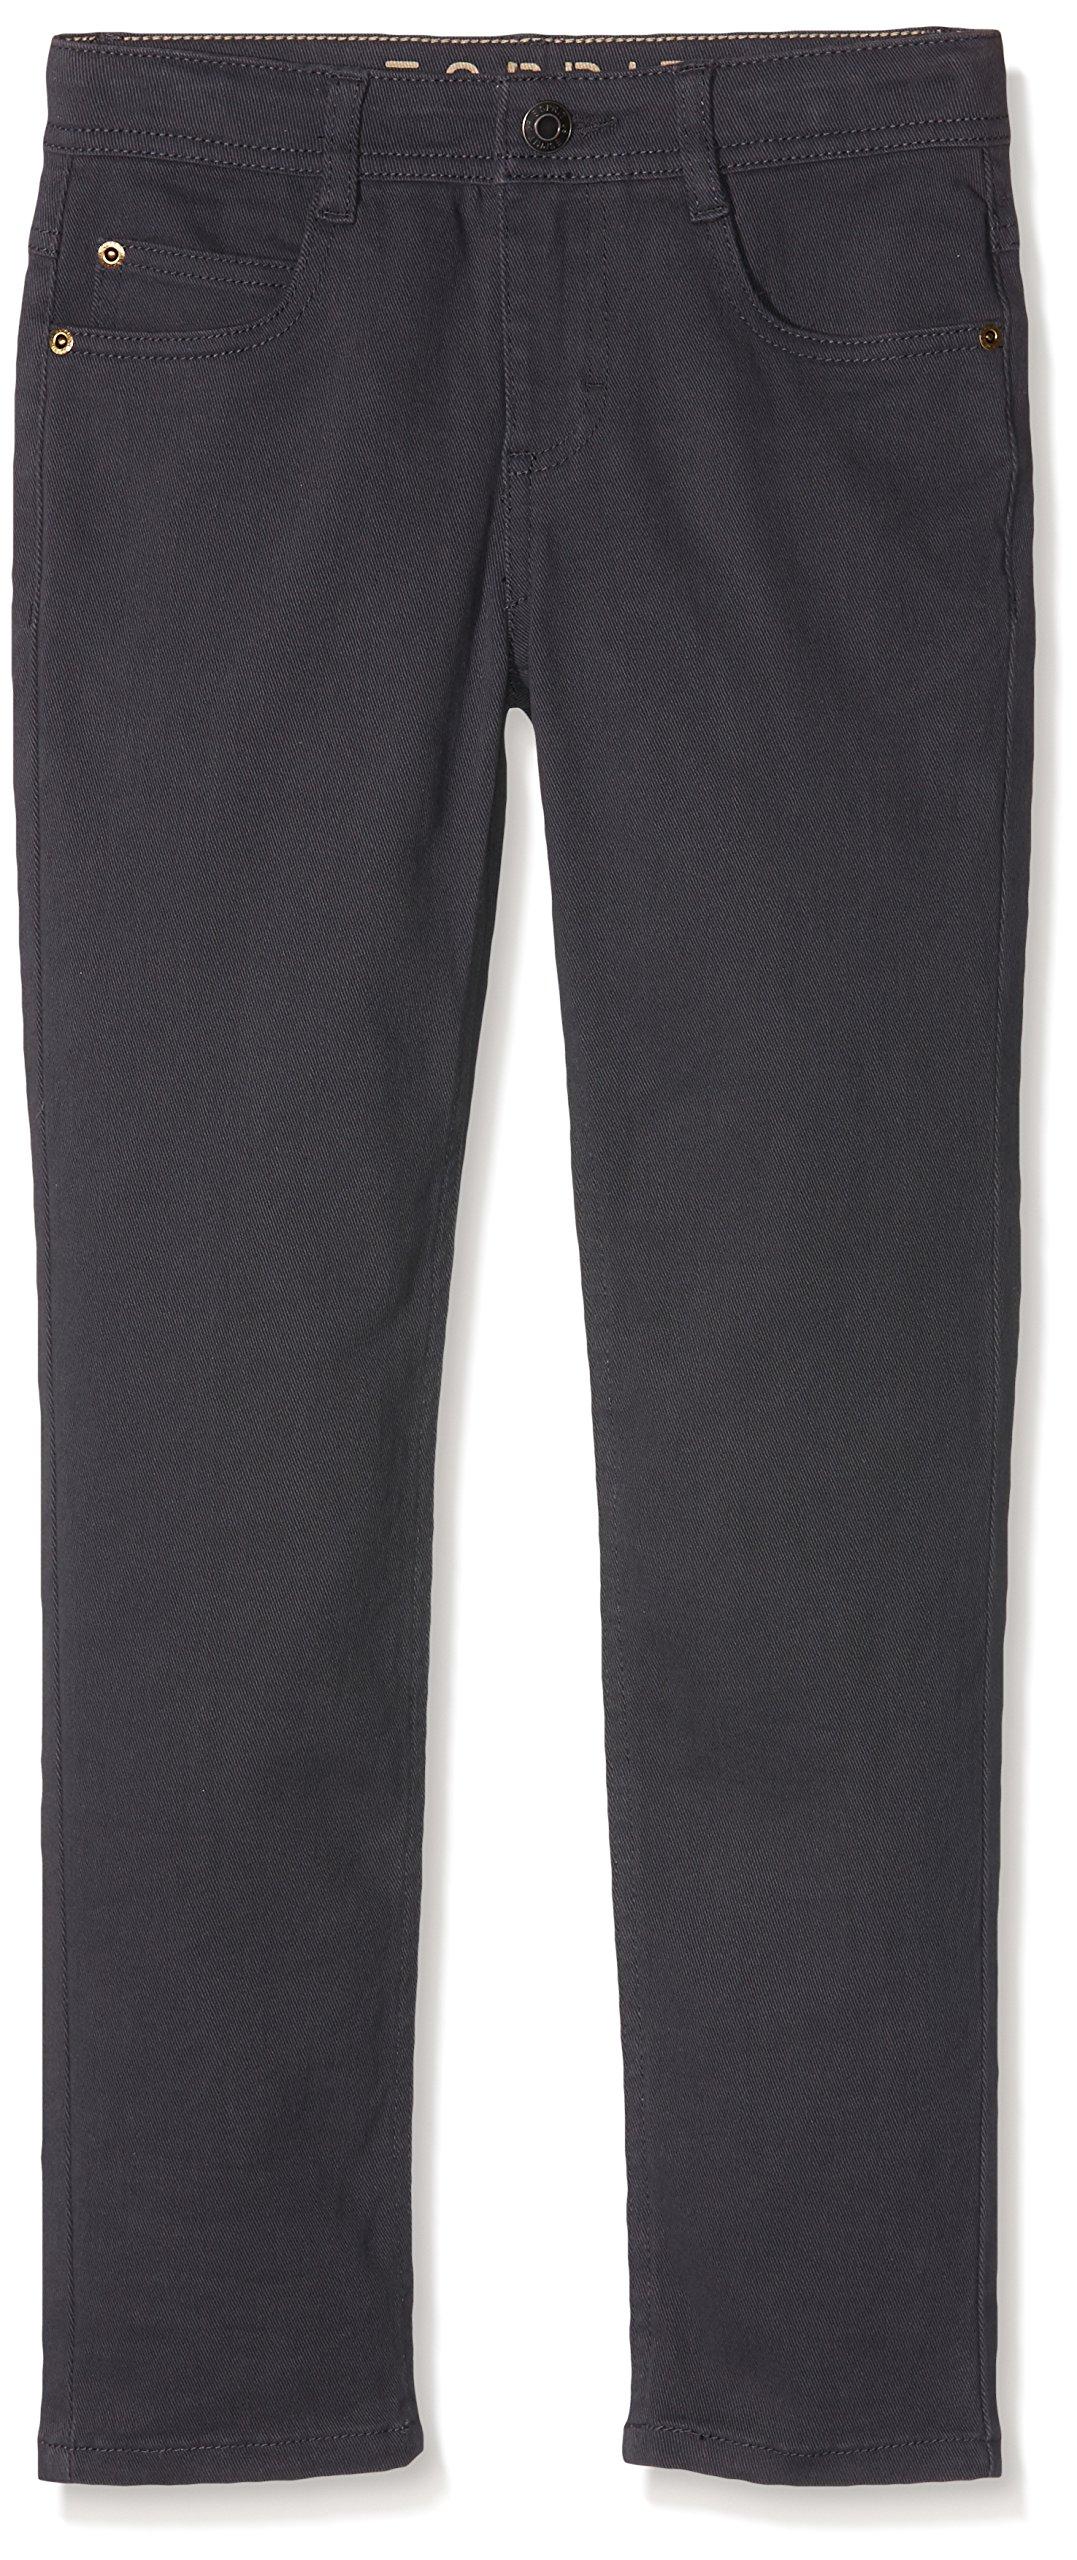 Esprit Kids Ri2214g, Pantalones para Bebés